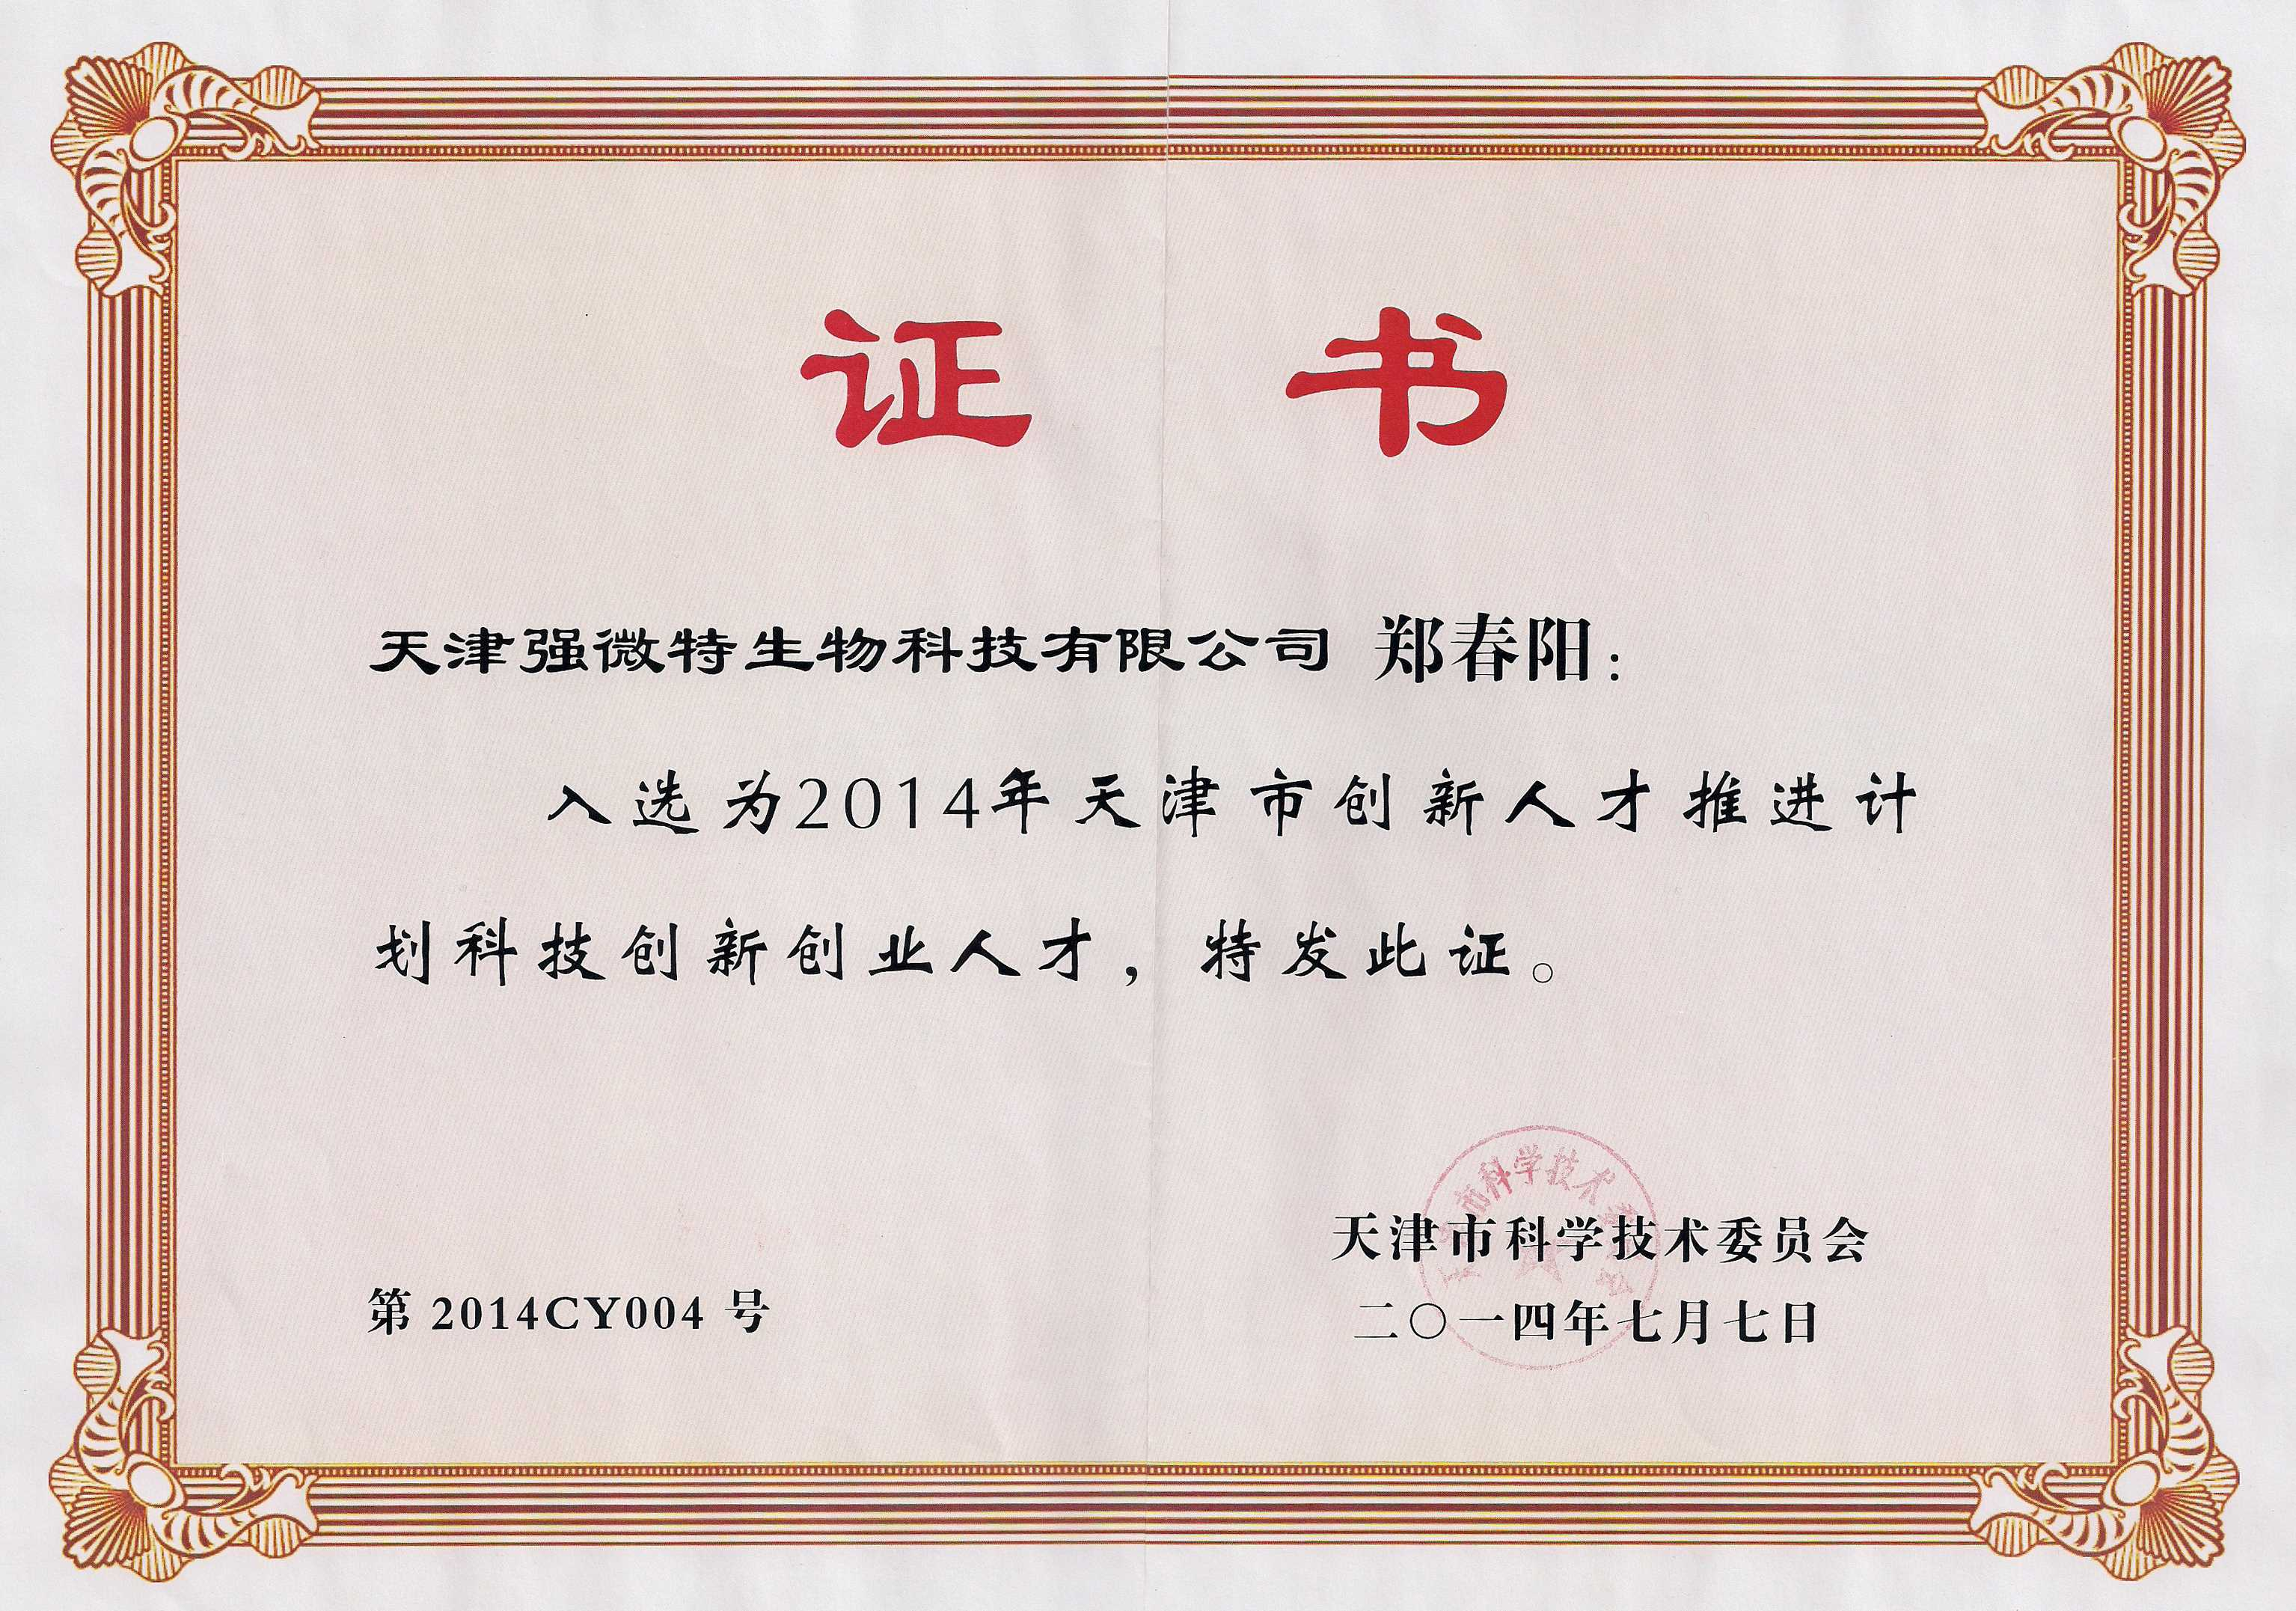 公司榮譽-2014天津市創新人才推進計劃科技創新創業人才0922